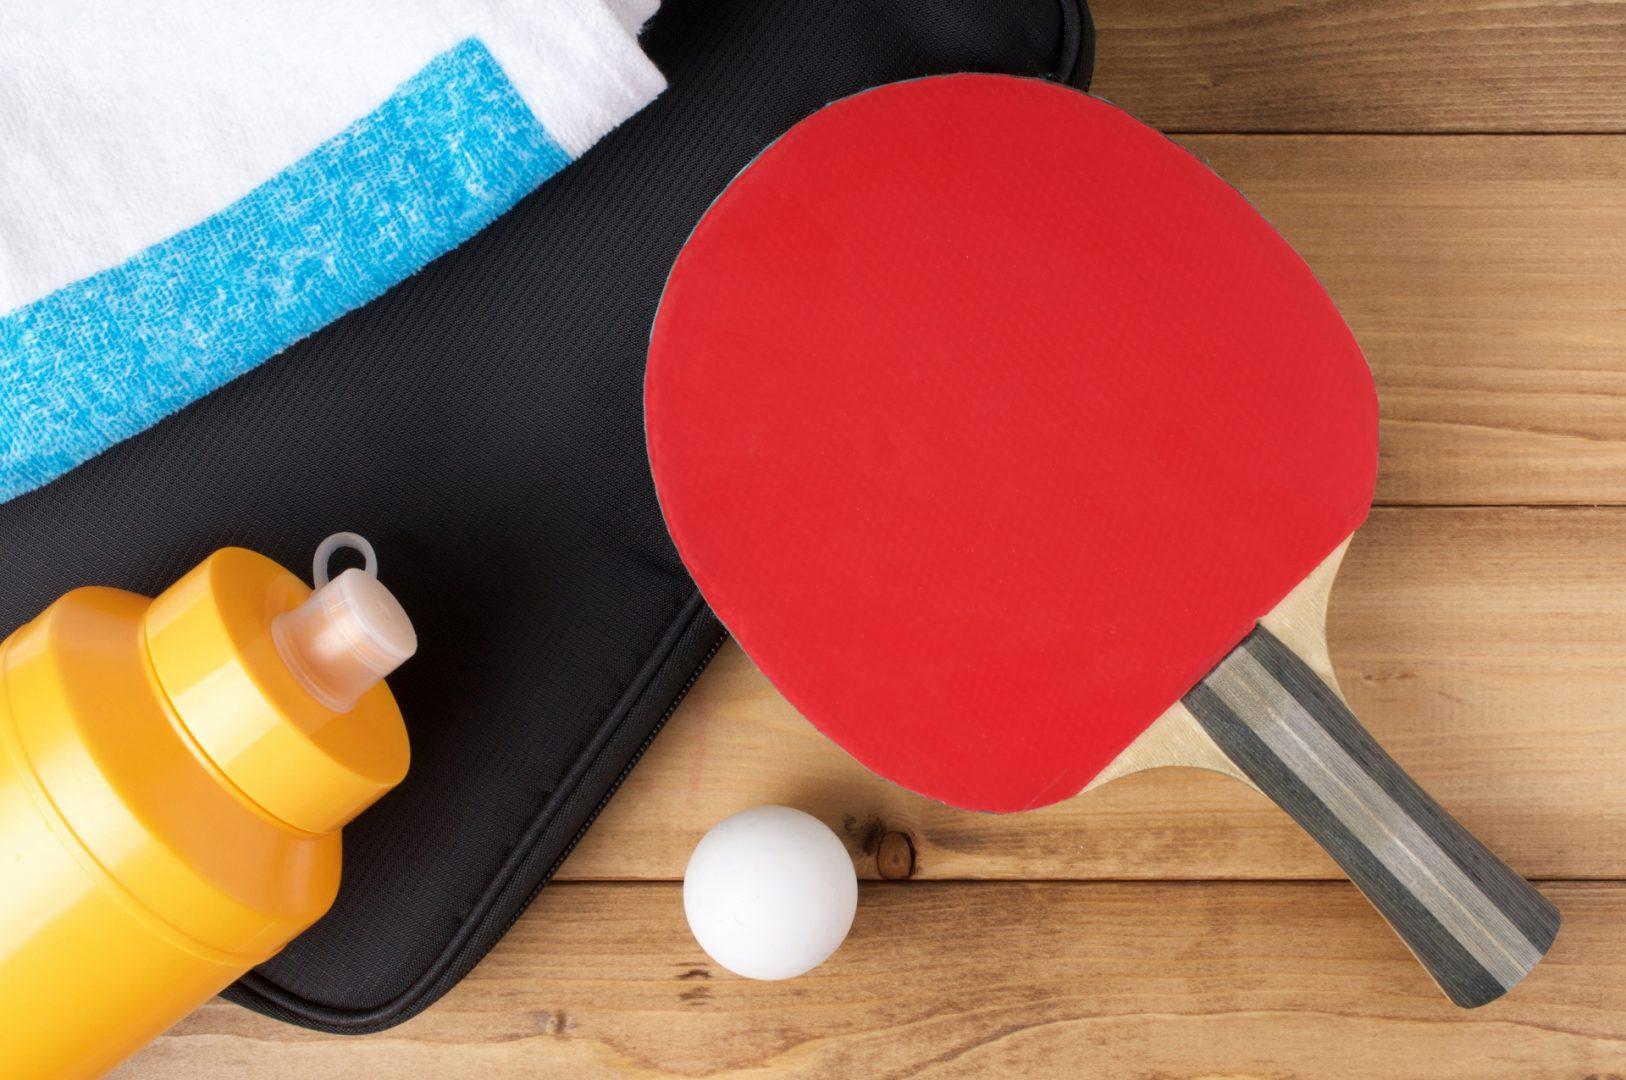 卓球・ラケットケースおすすめ10選 ハードケースやオシャレな人気商品を紹介